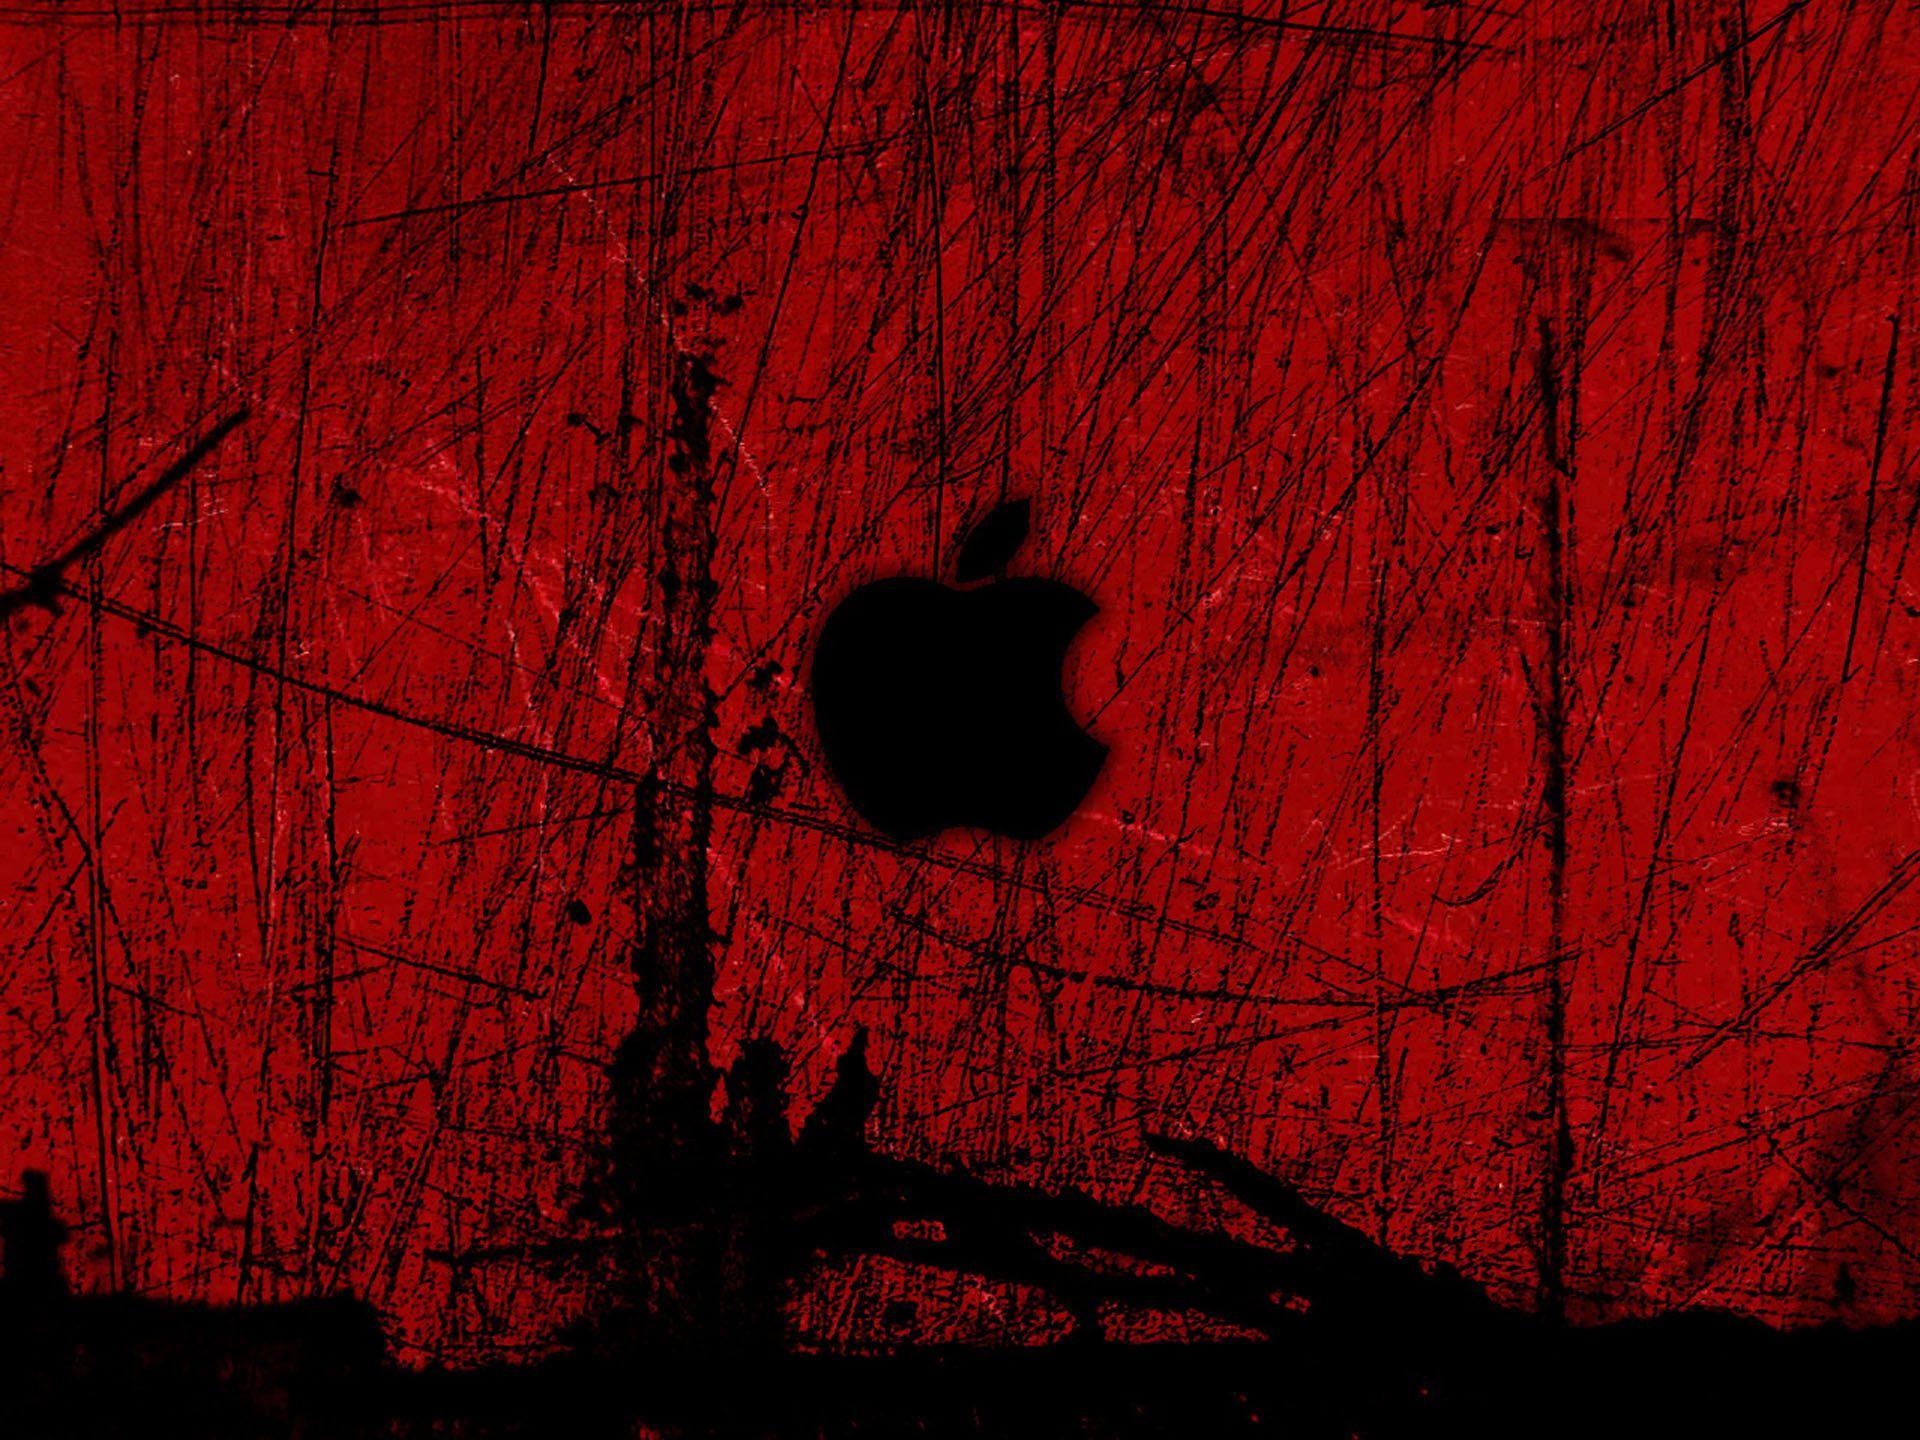 сделано красно черные обои на айфон них был